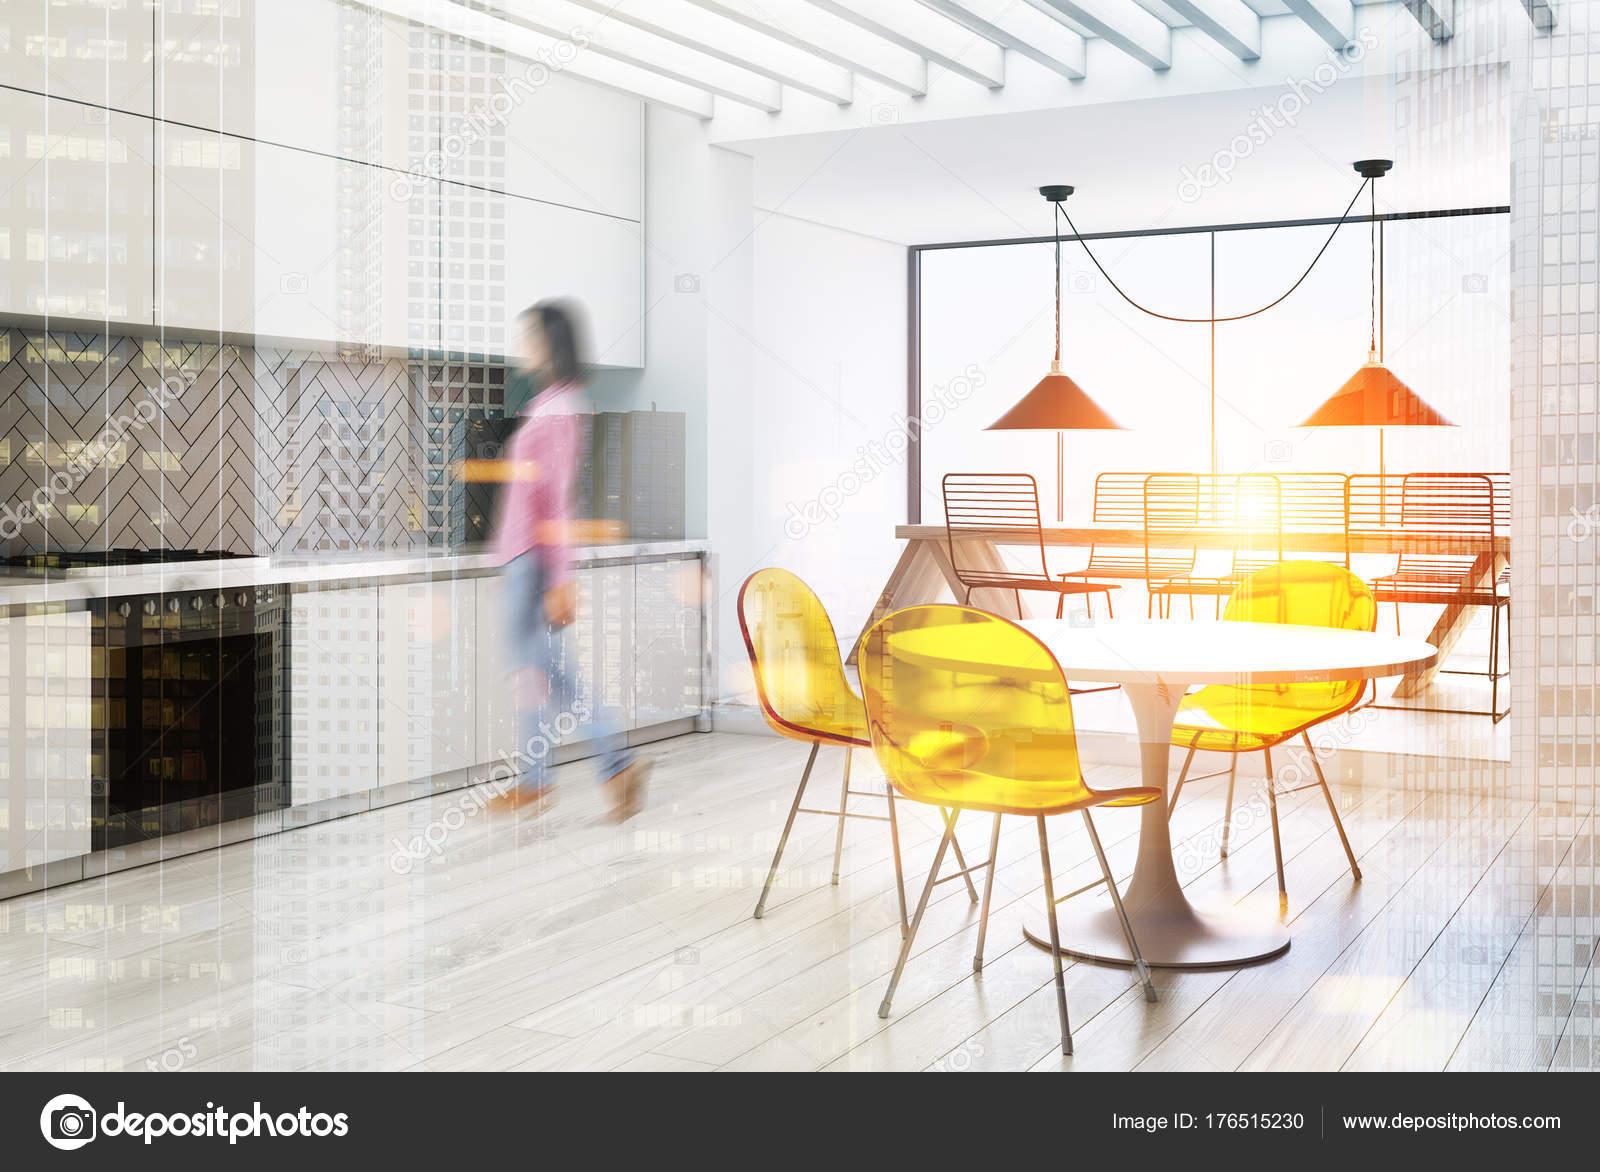 Weiße Küche Und Ein Esszimmer Ecke Mit Grauen Arbeitsplatten Und Schränken,  Ein Langer Tisch Mit Metall Stühle Und Ein Runder Tisch Mit Gelben Stühle.